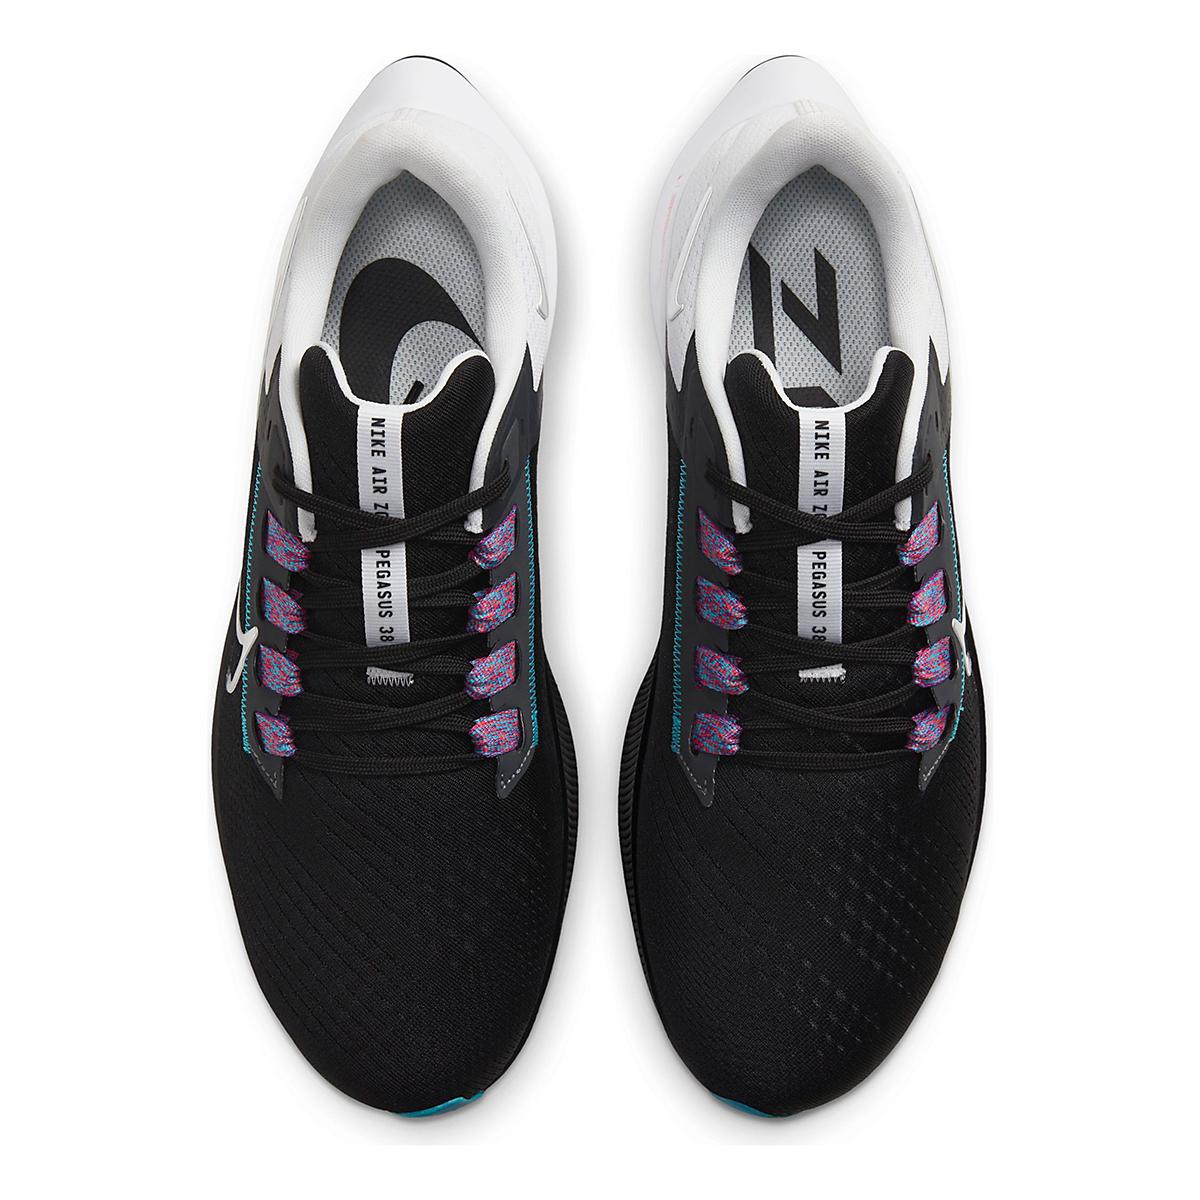 Men's Nike Air Zoom Pegasus 38 Running Shoe - Color: Black/Metallic Silver/White - Size: 6.5 - Width: Regular, Black/Metallic Silver/White, large, image 6